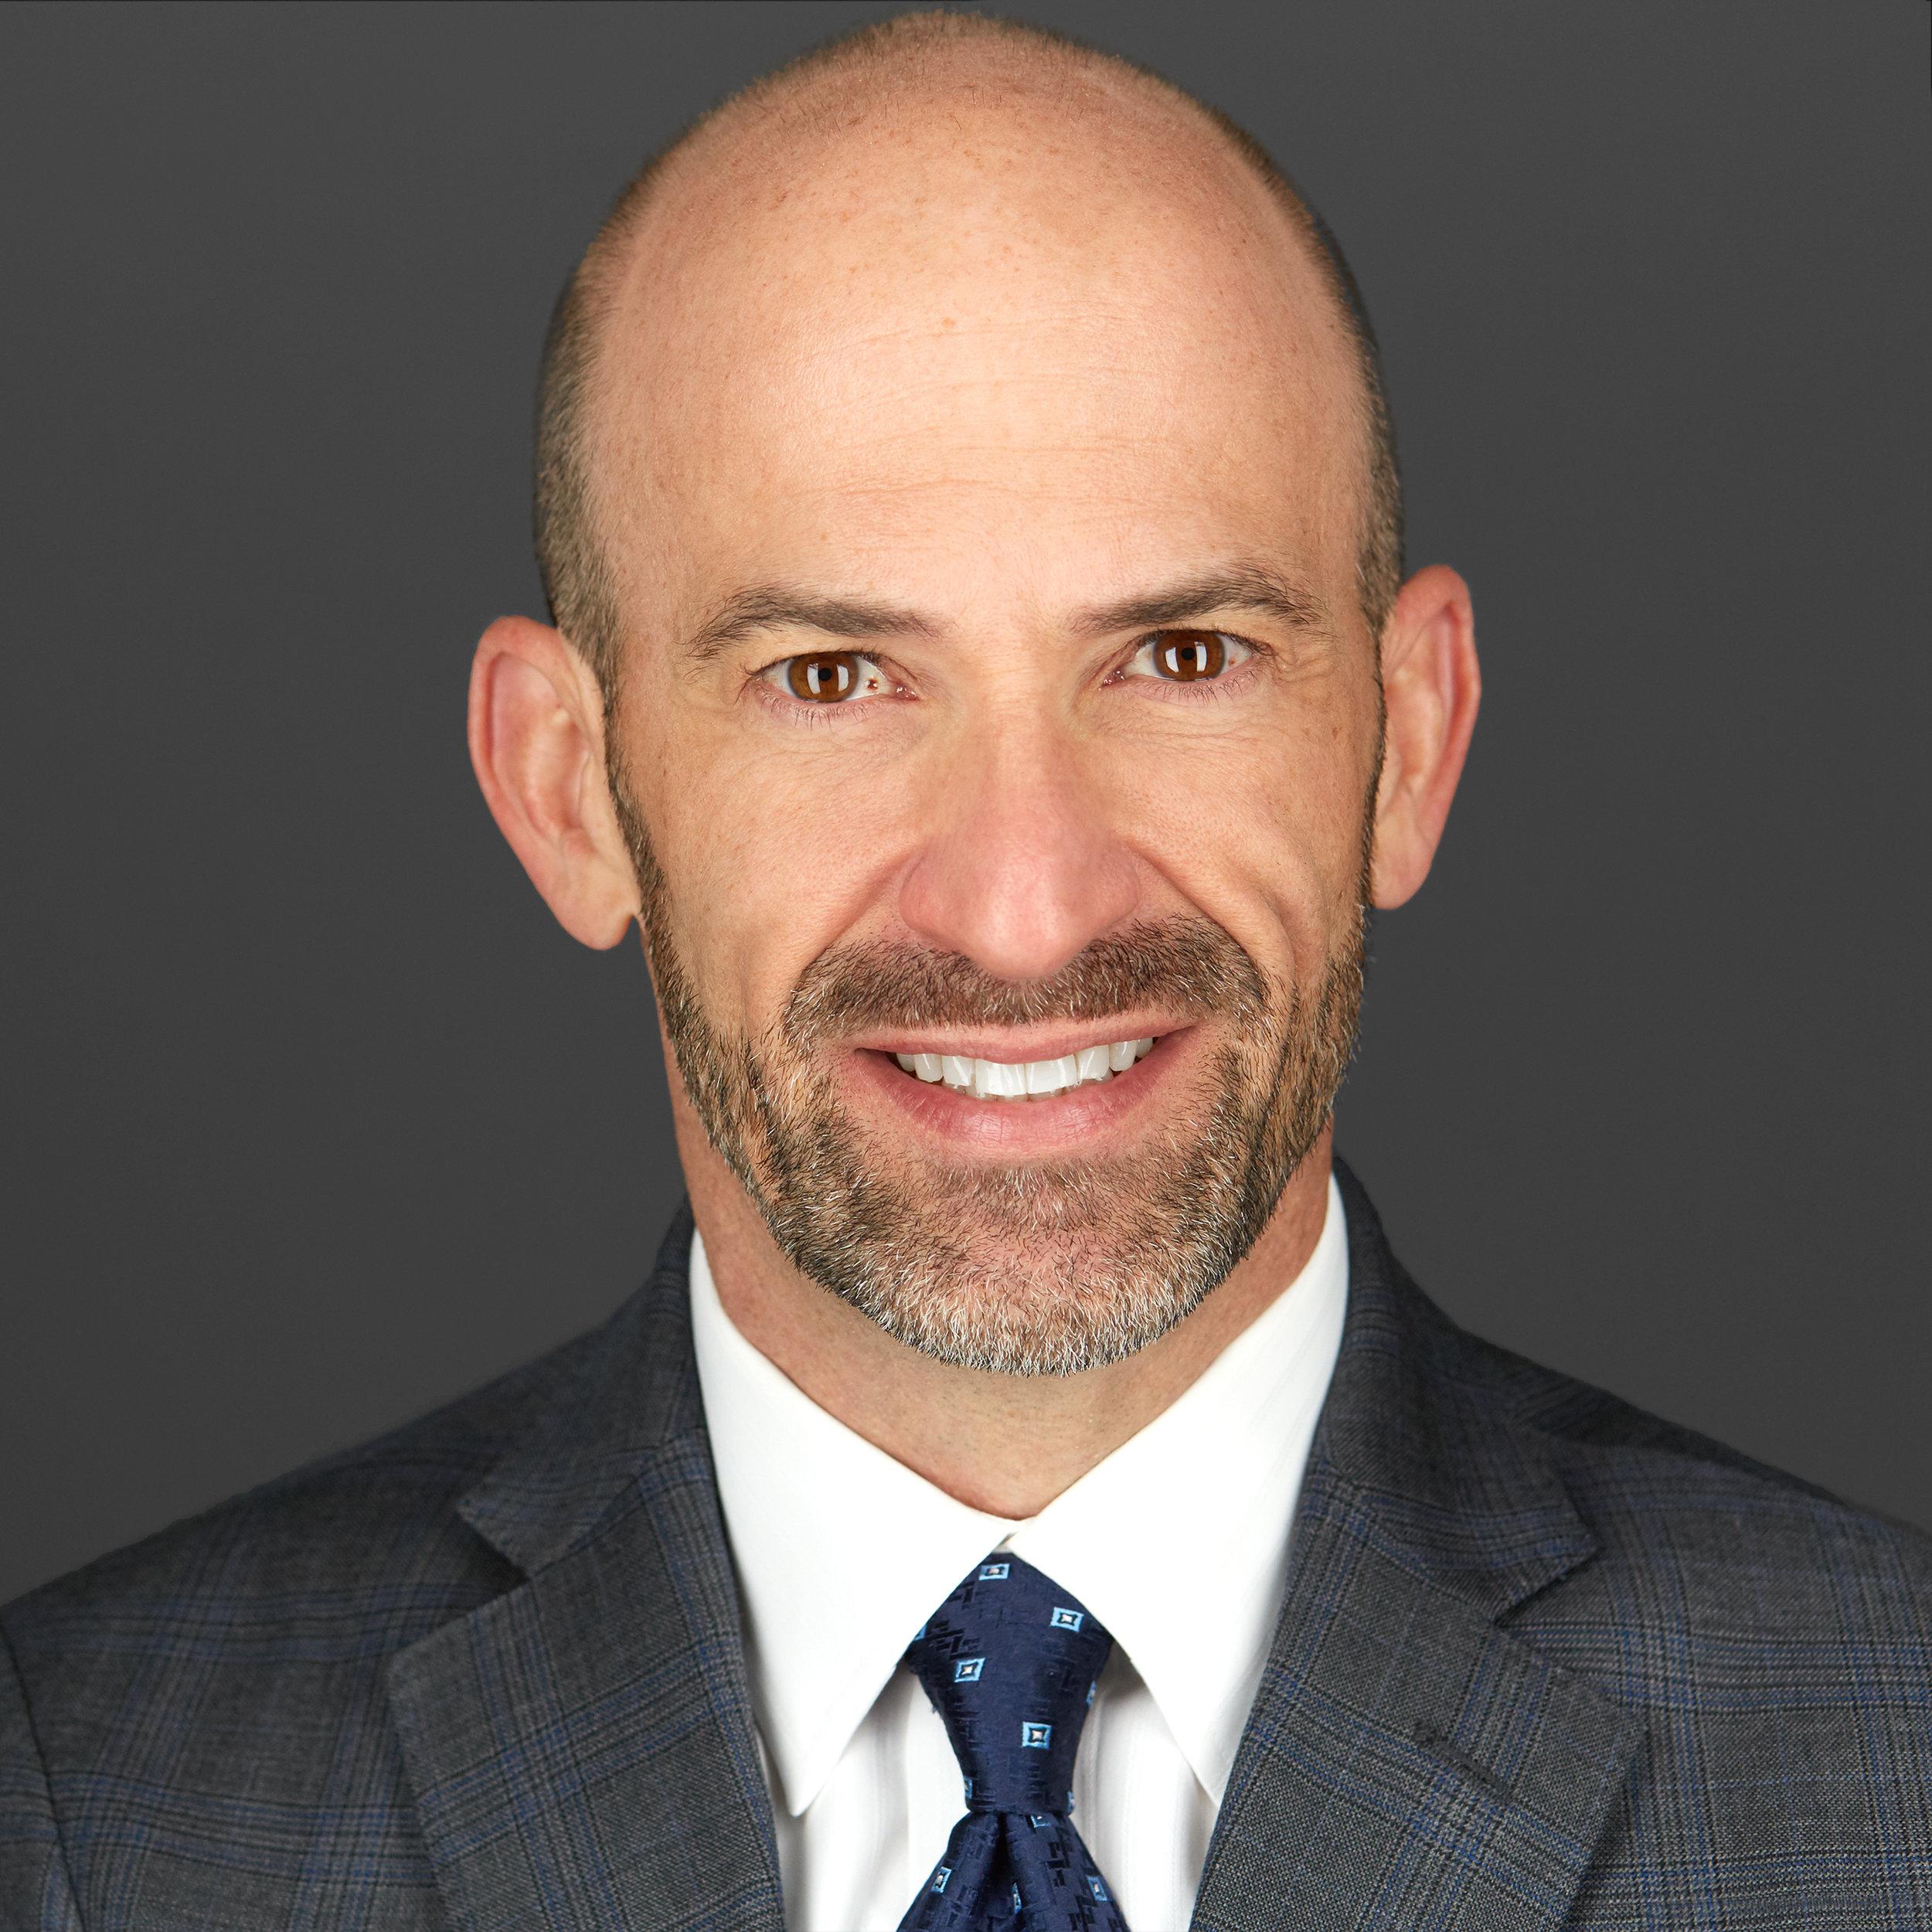 Andrew Morton - Partner, Handler Thayer, LLP